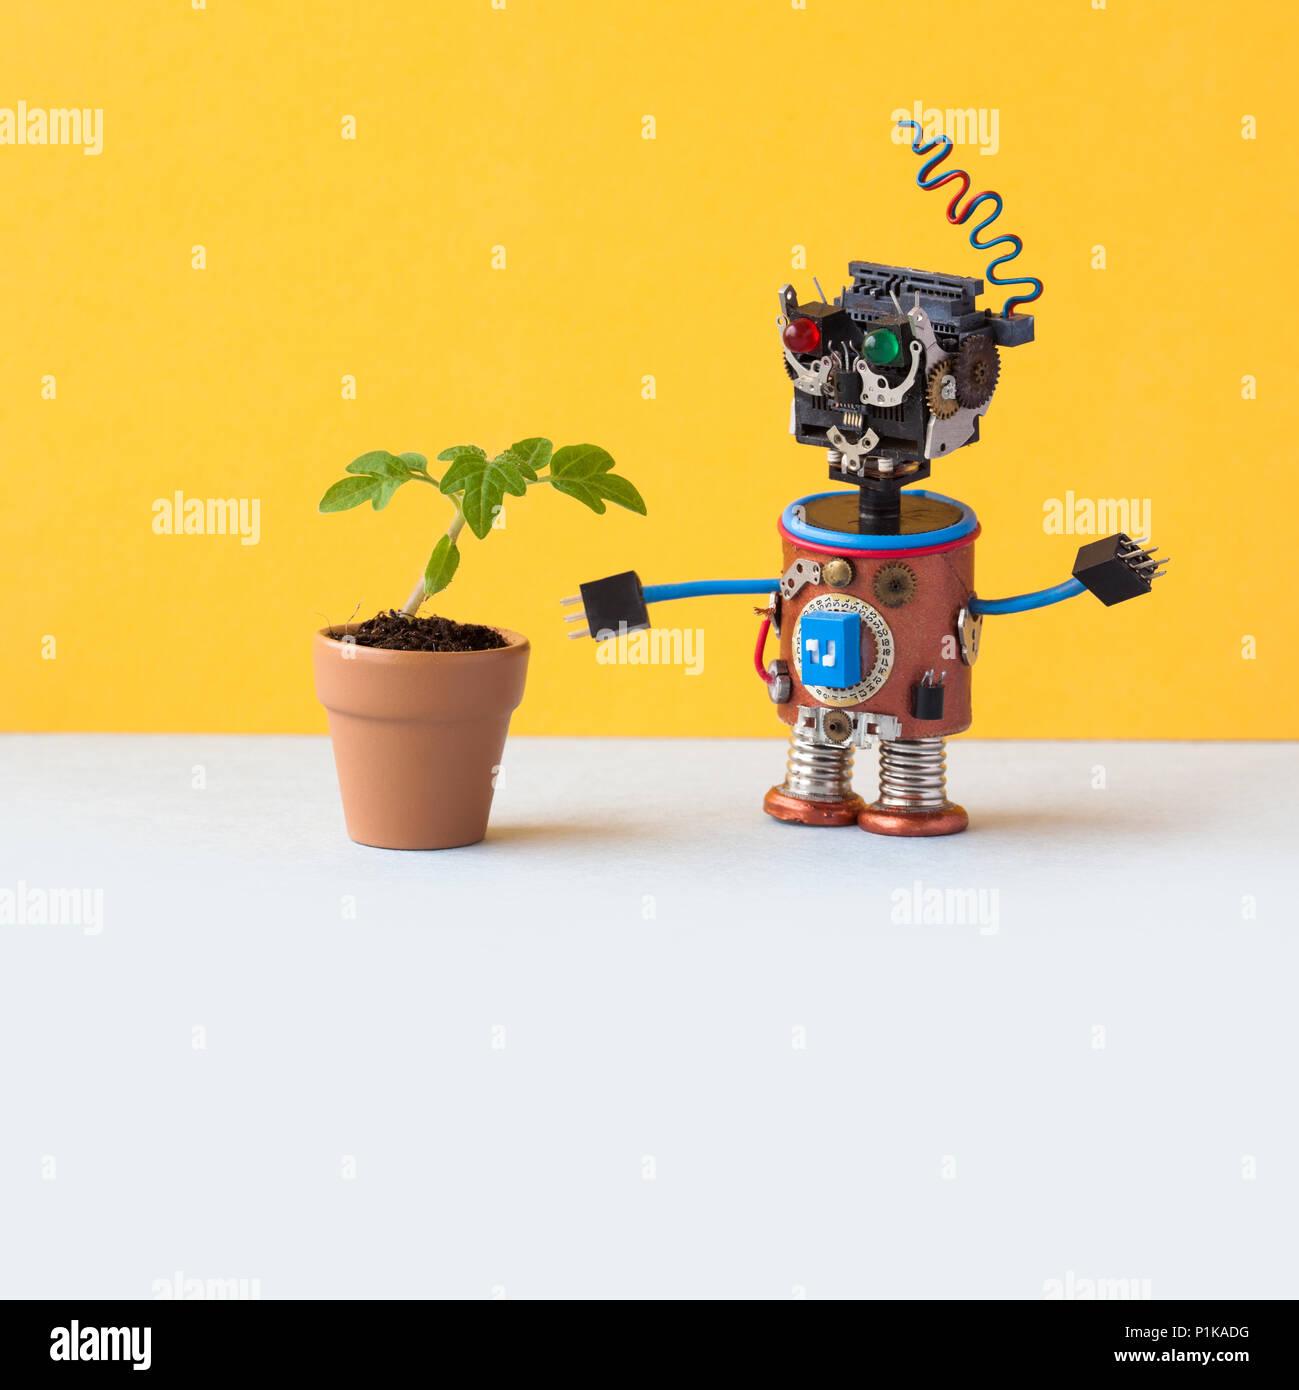 Robot explora una planta verde vivo en una olla de barro de flores. Inteligencia Artificial versus vida orgánica planta. Antecedentes La pared amarilla, blanca piso. Copie el espacio. Imagen De Stock